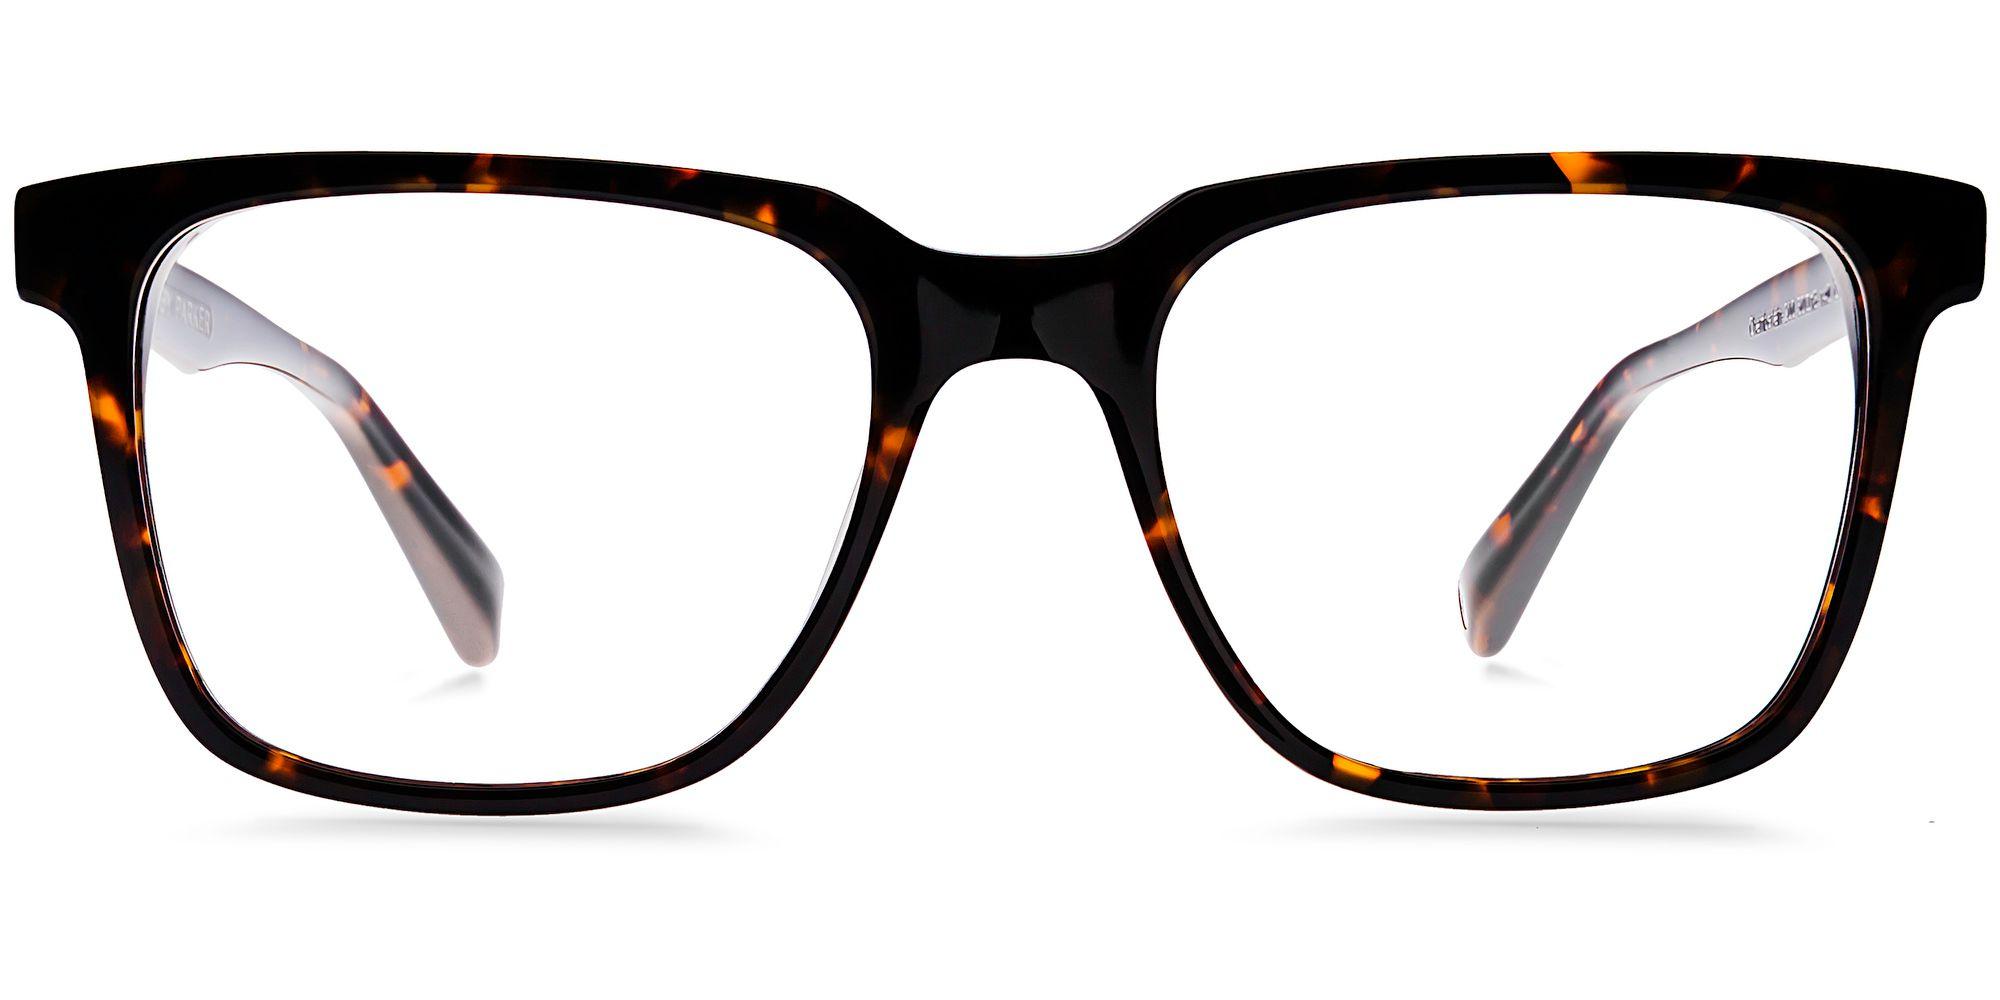 Warby Parker Chamberlain Eyeglasses in Whiskey Tortoise for Women